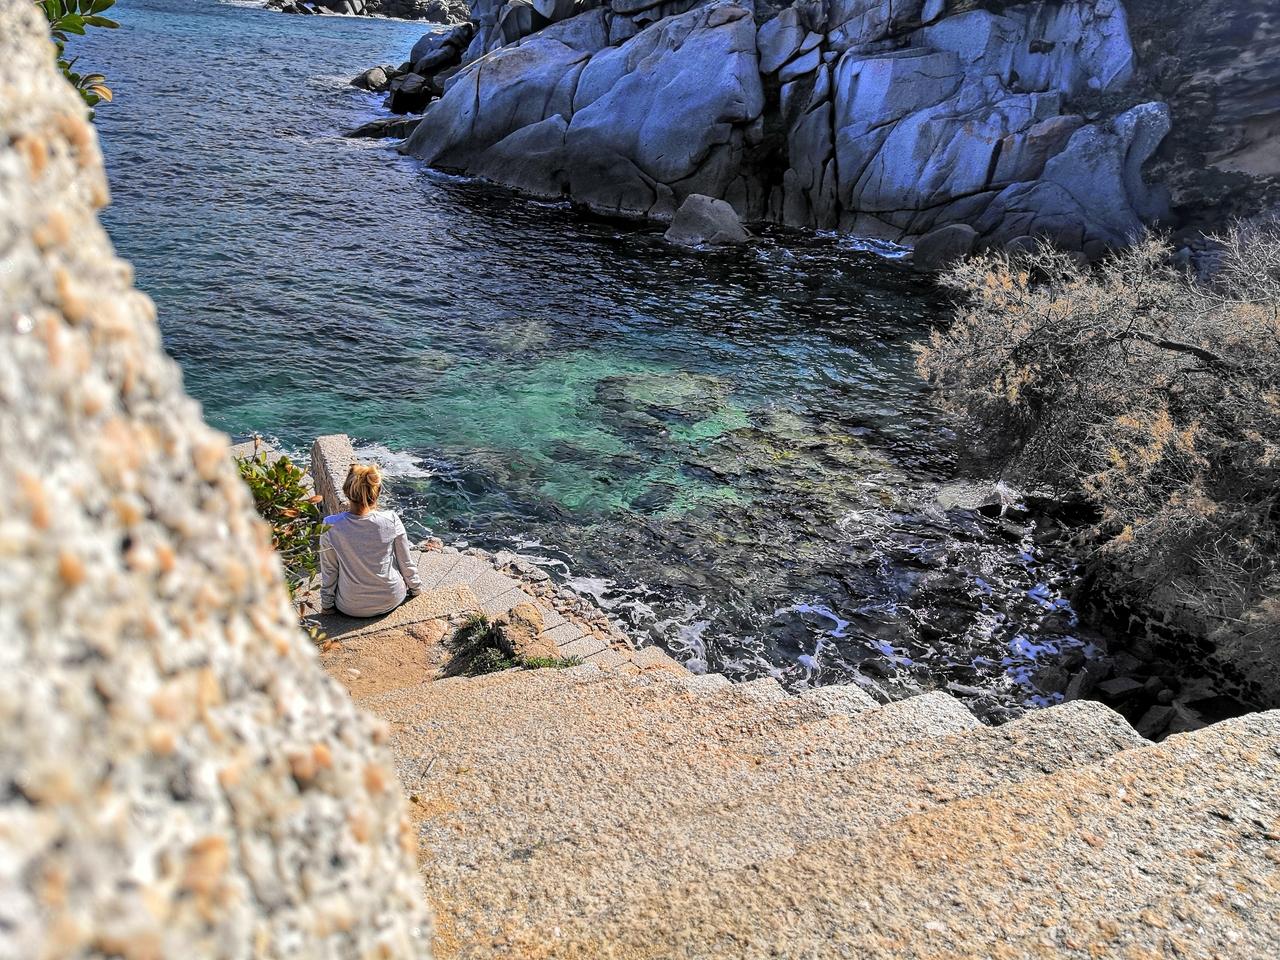 Sardinie v únoru -> rozuměj opuštěná na ostrově